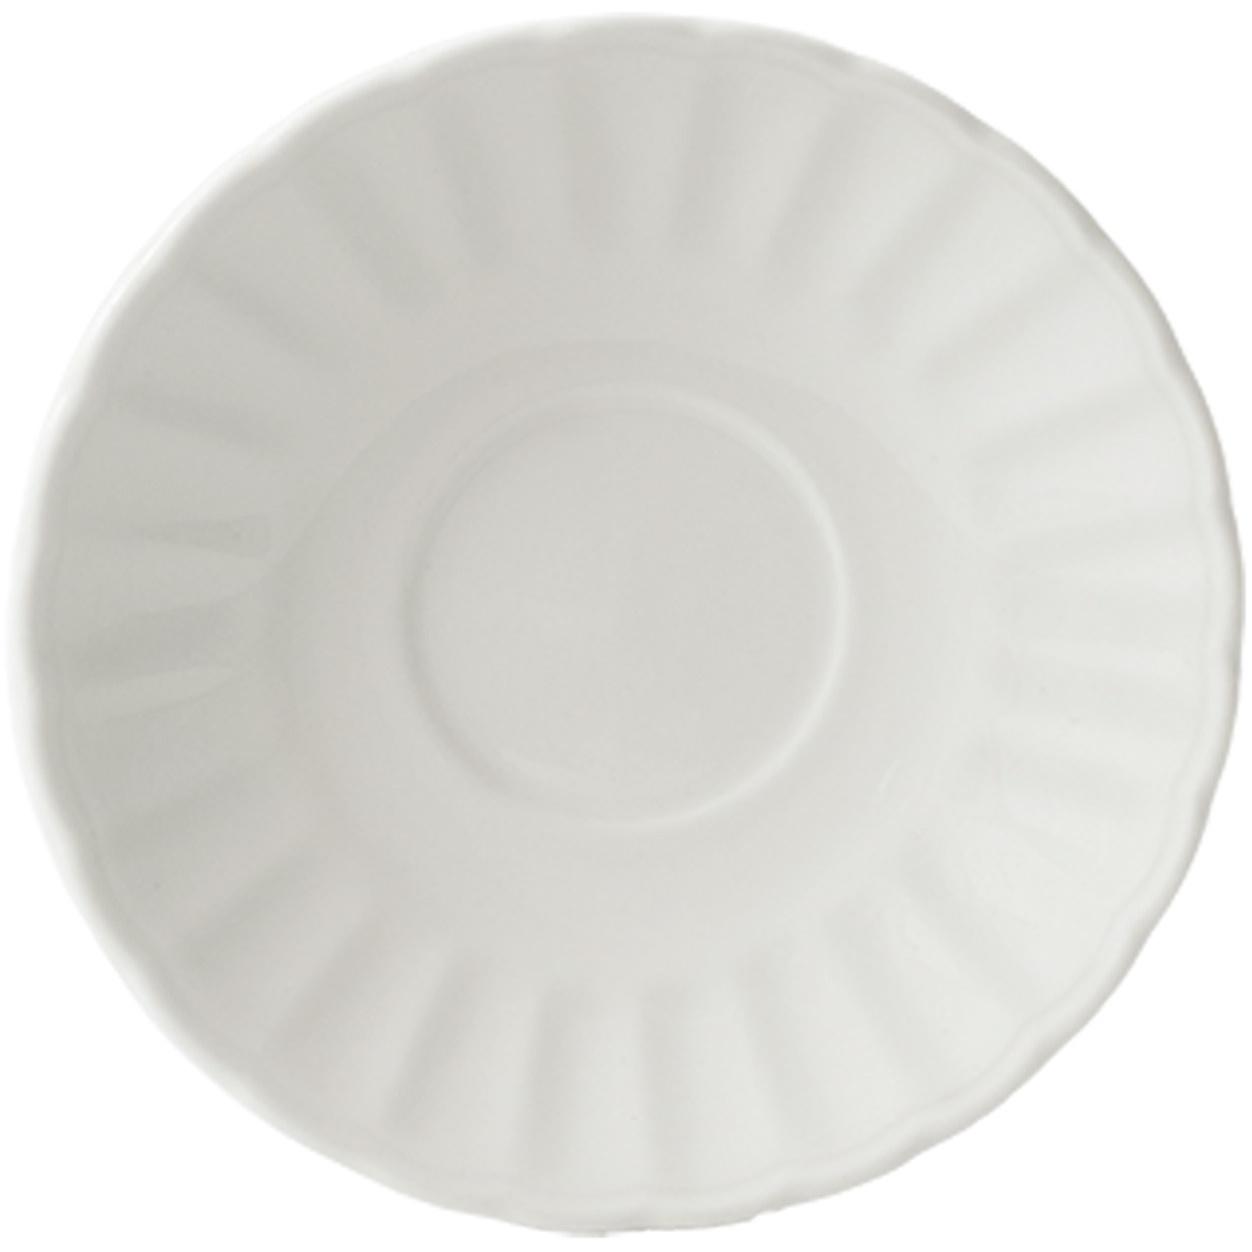 Aparelho de Jantar de Ceramica 16 Pecas Caribe Branco - Martiplast